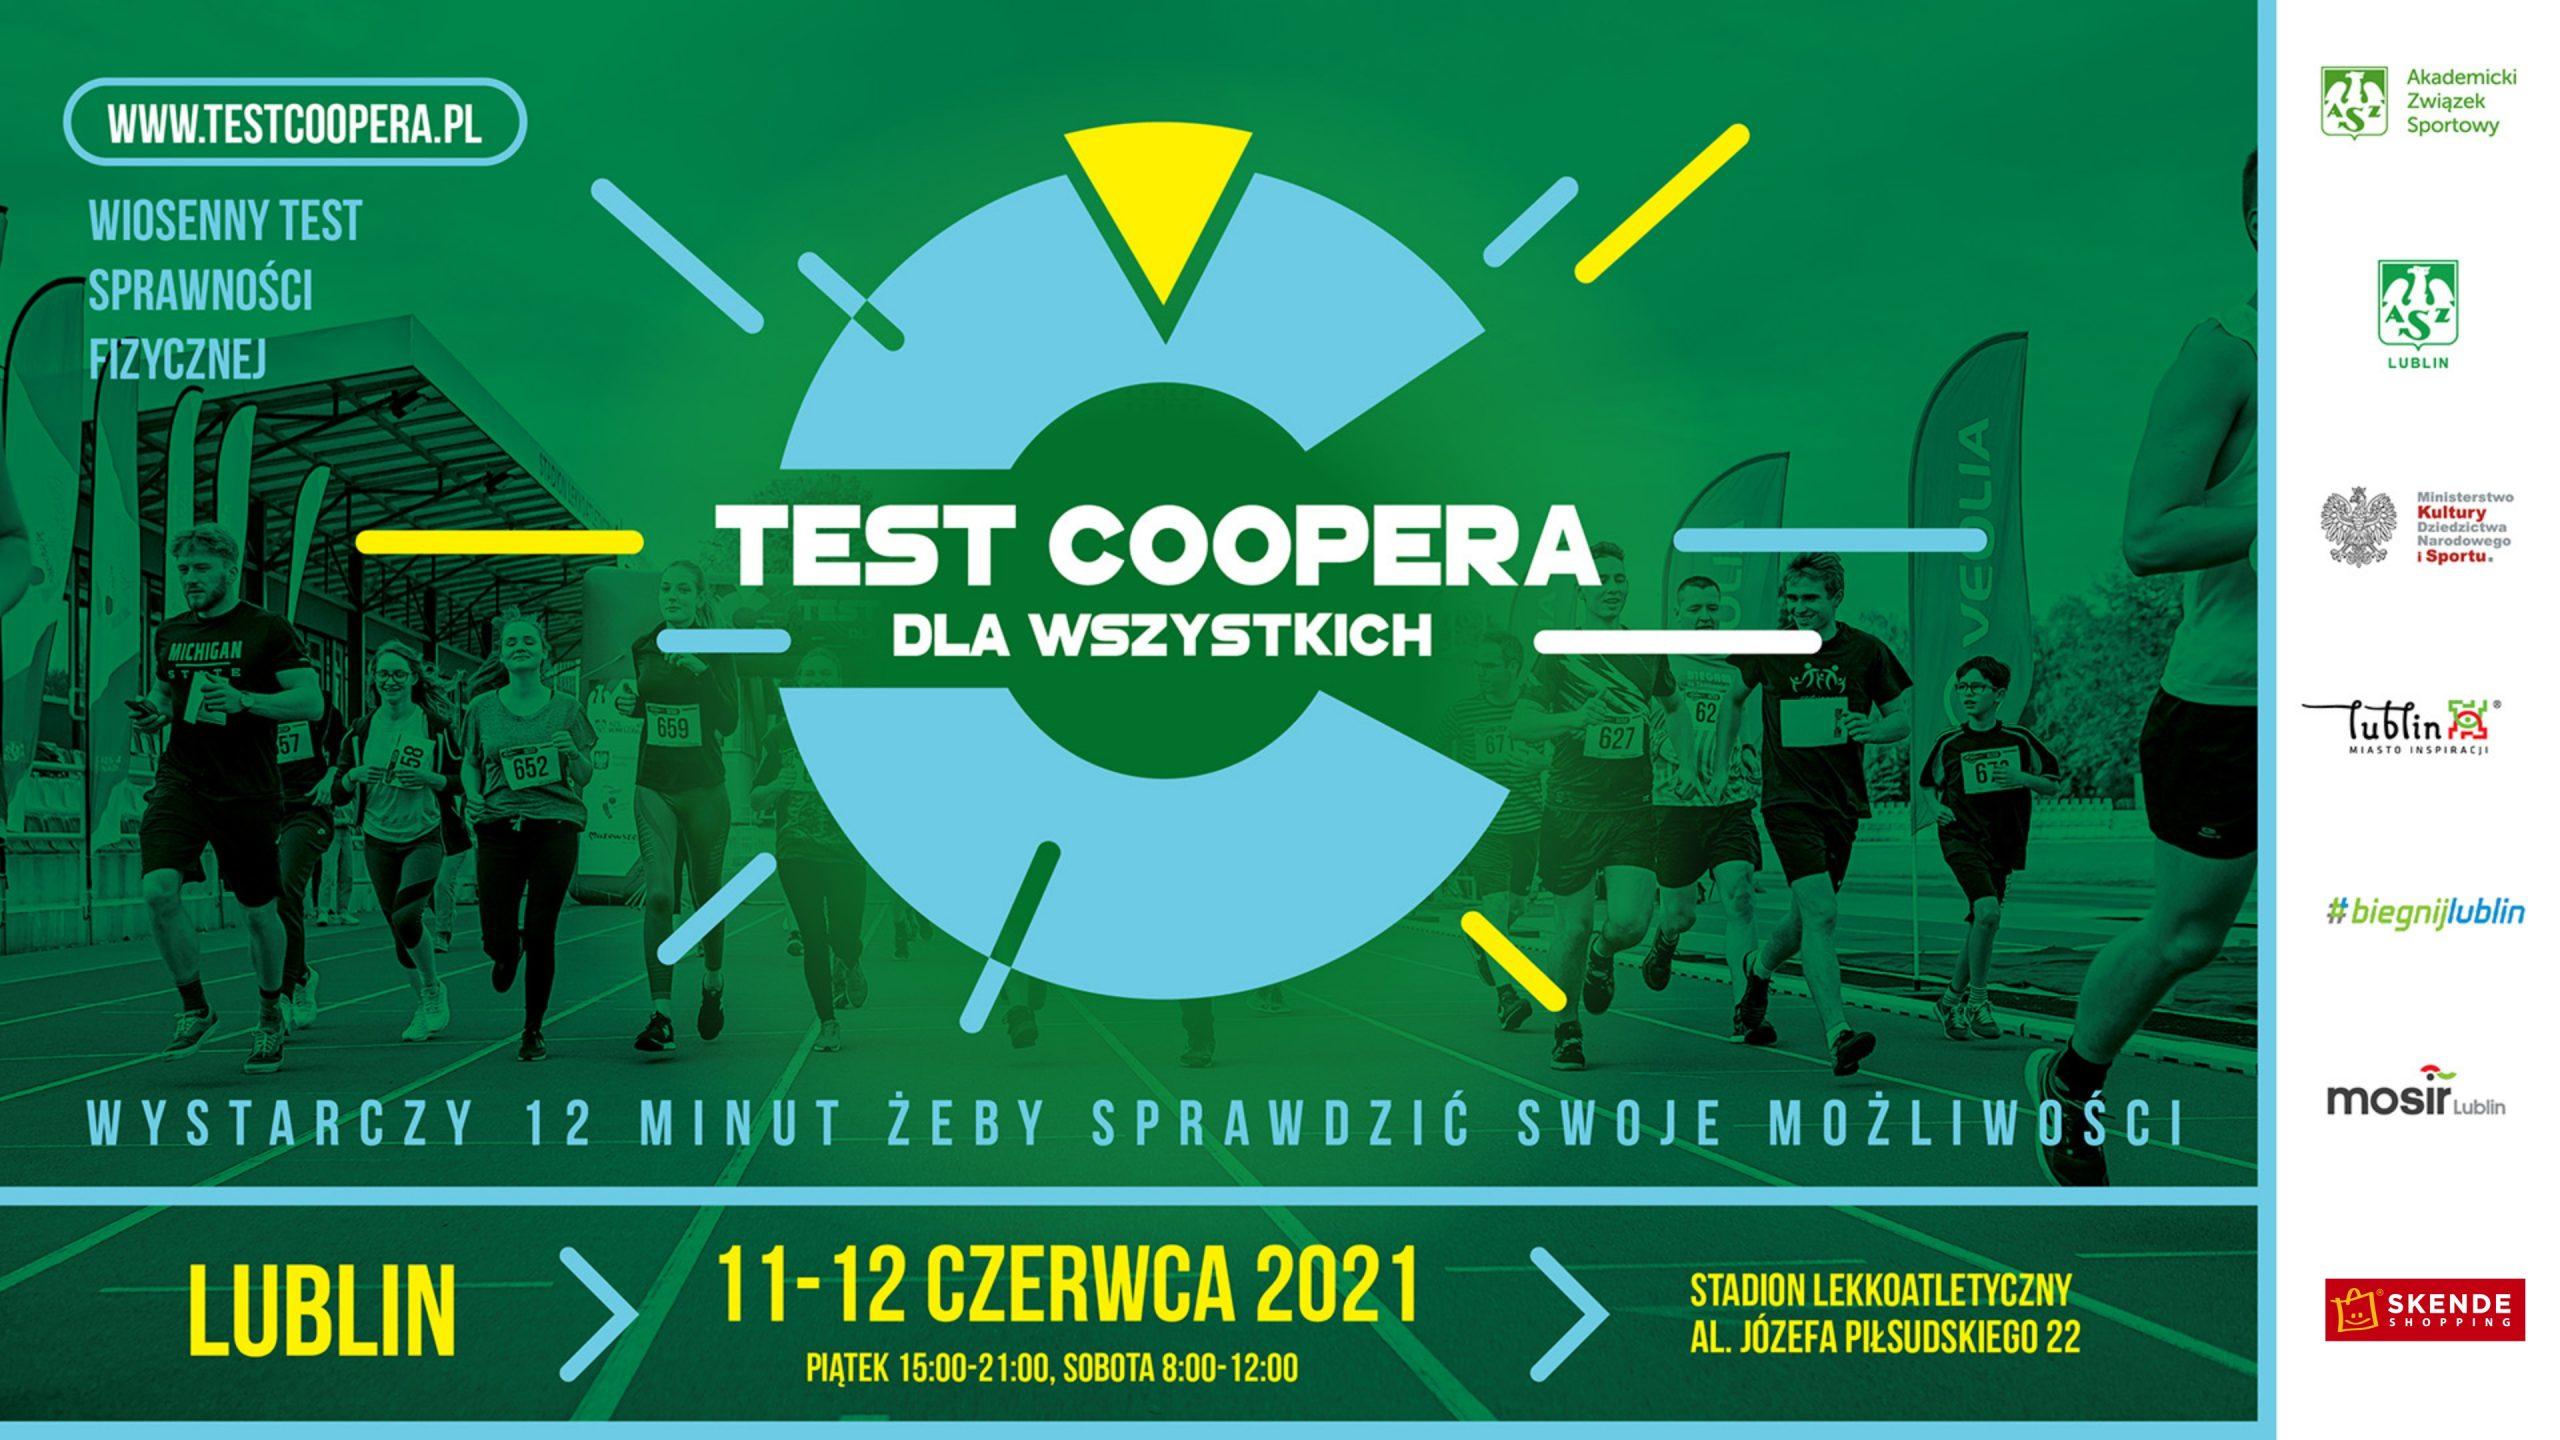 Test Coopera dla wszystkich - zaproszenie